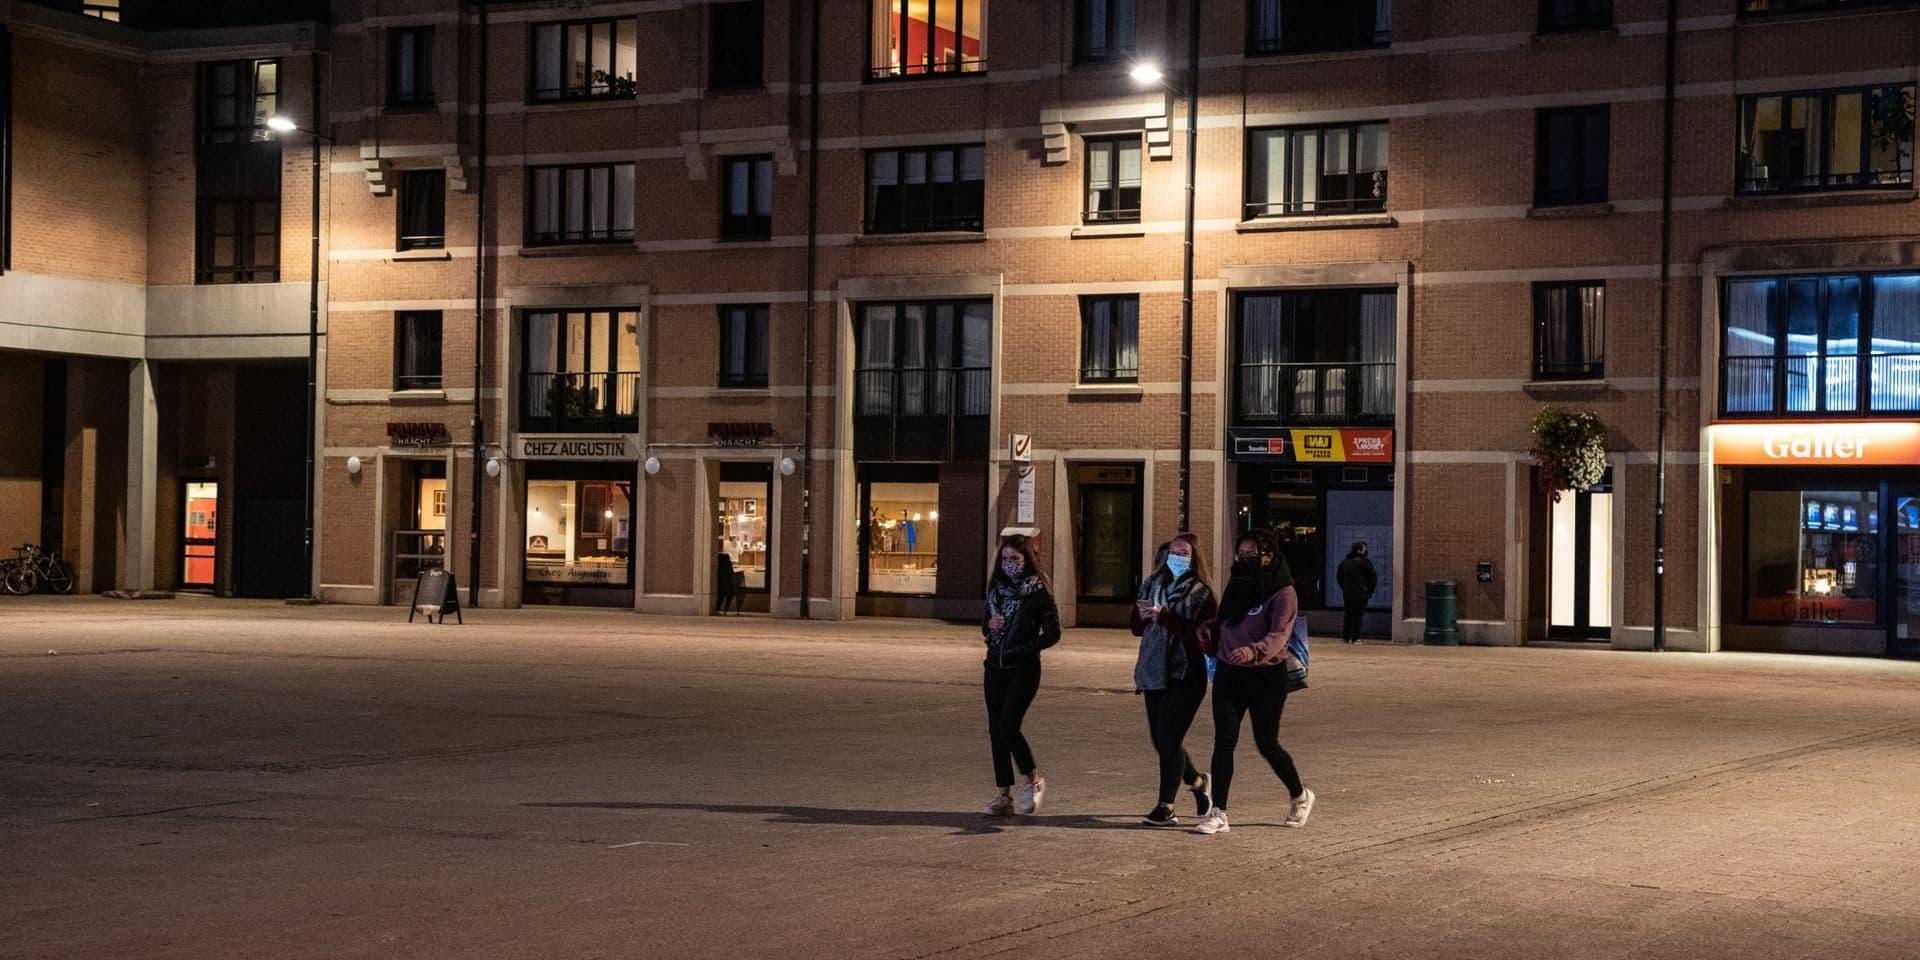 Une fête rassemblant une cinquantaine d'étudiants interrompue à Louvain-la-Neuve